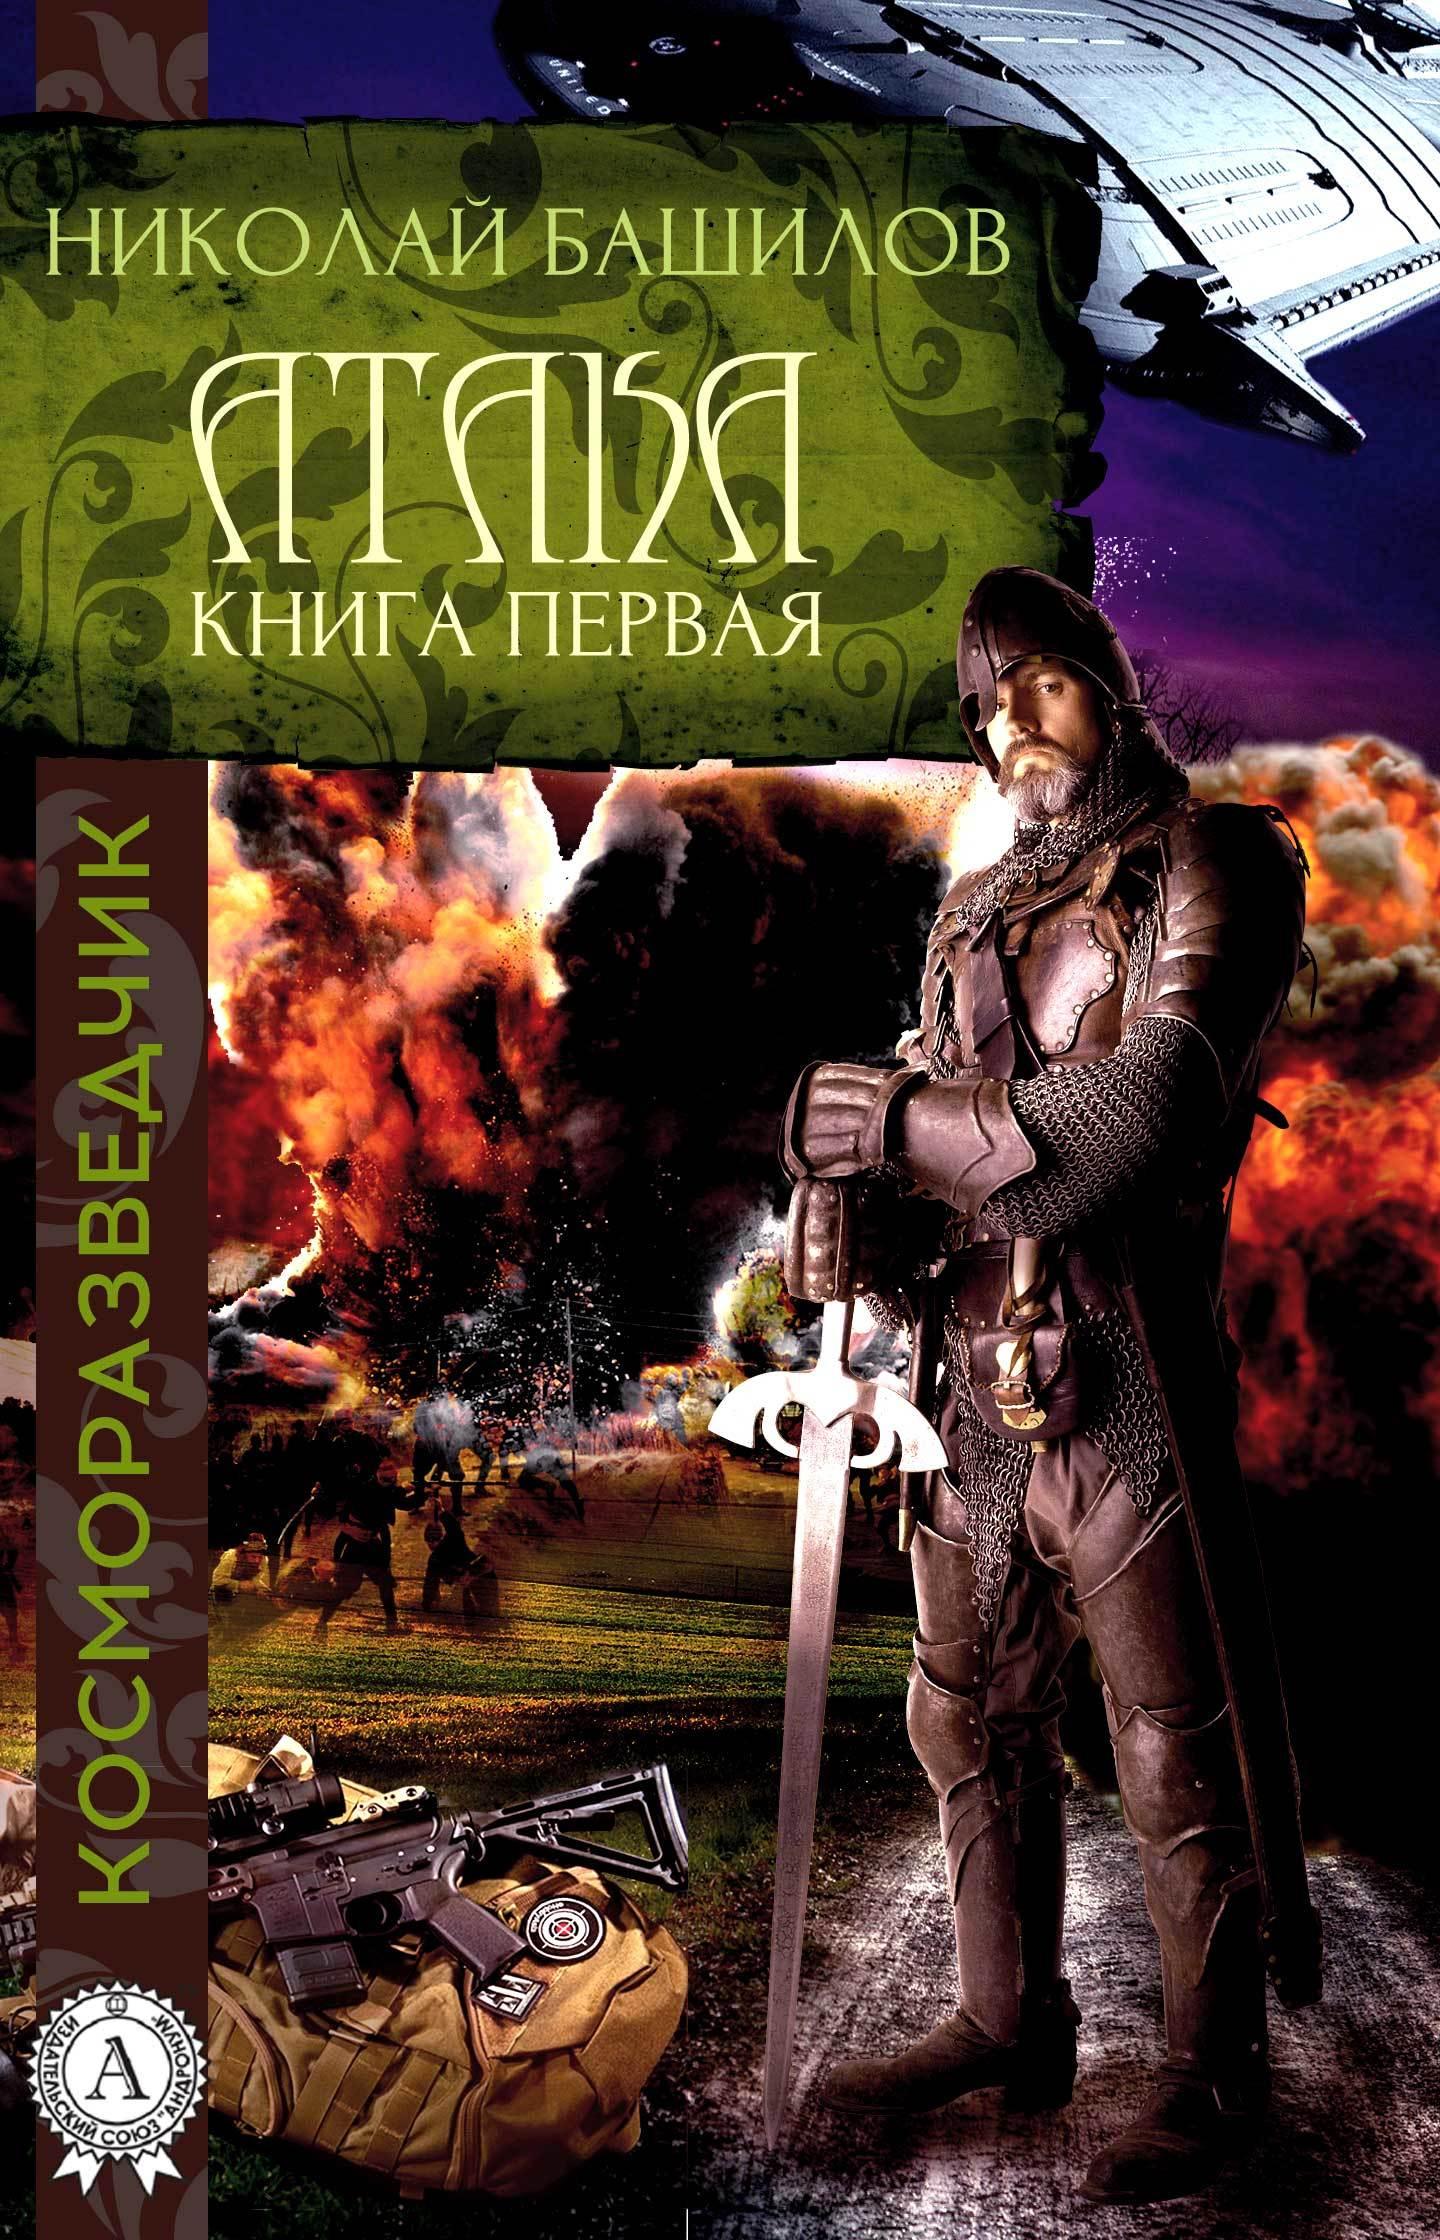 Николай Башилов бесплатно